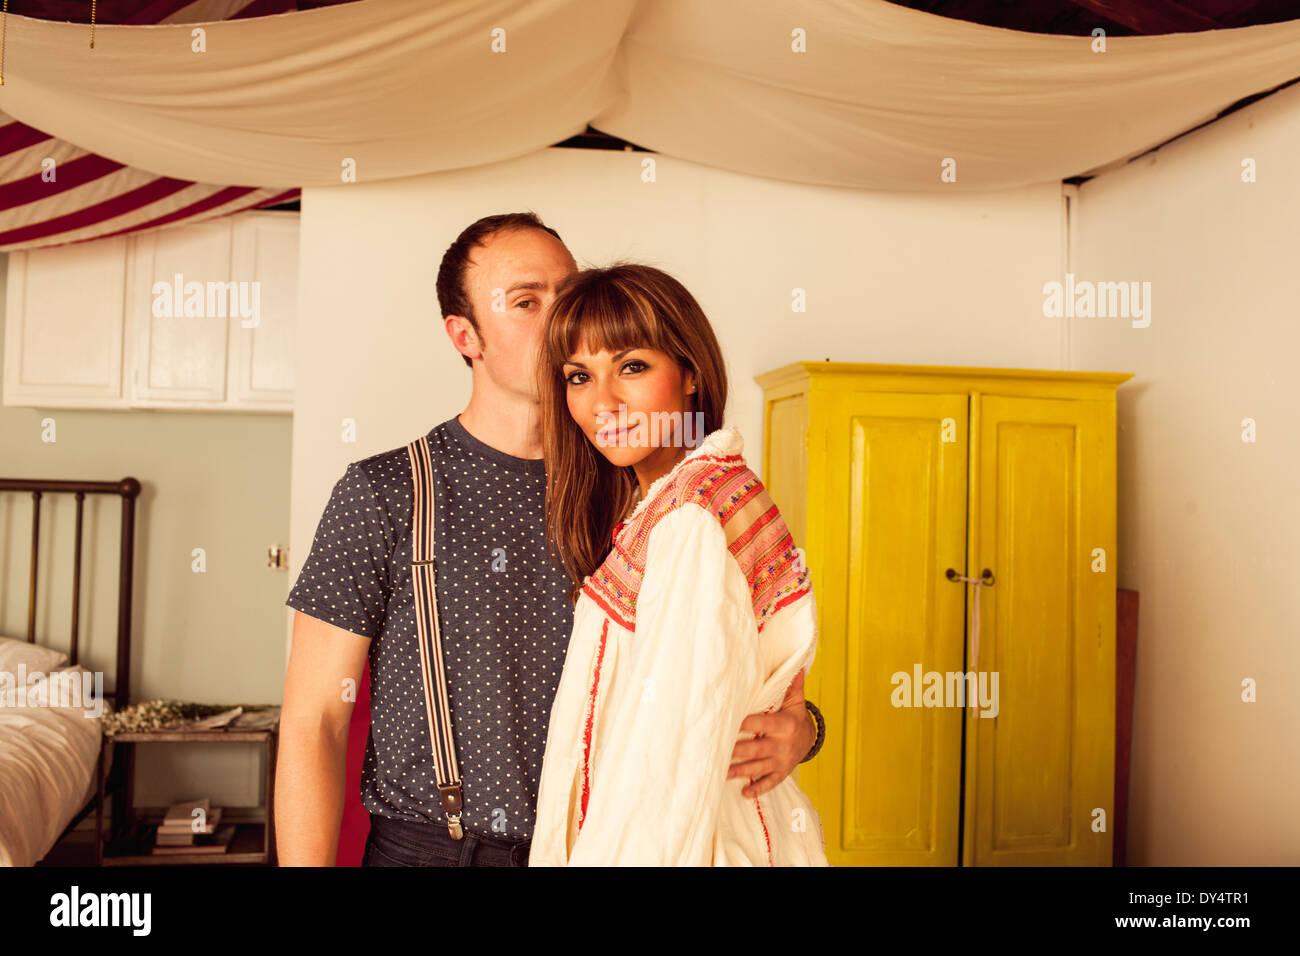 Hombre con brazo alrededor de la mujer en el dormitorio Imagen De Stock